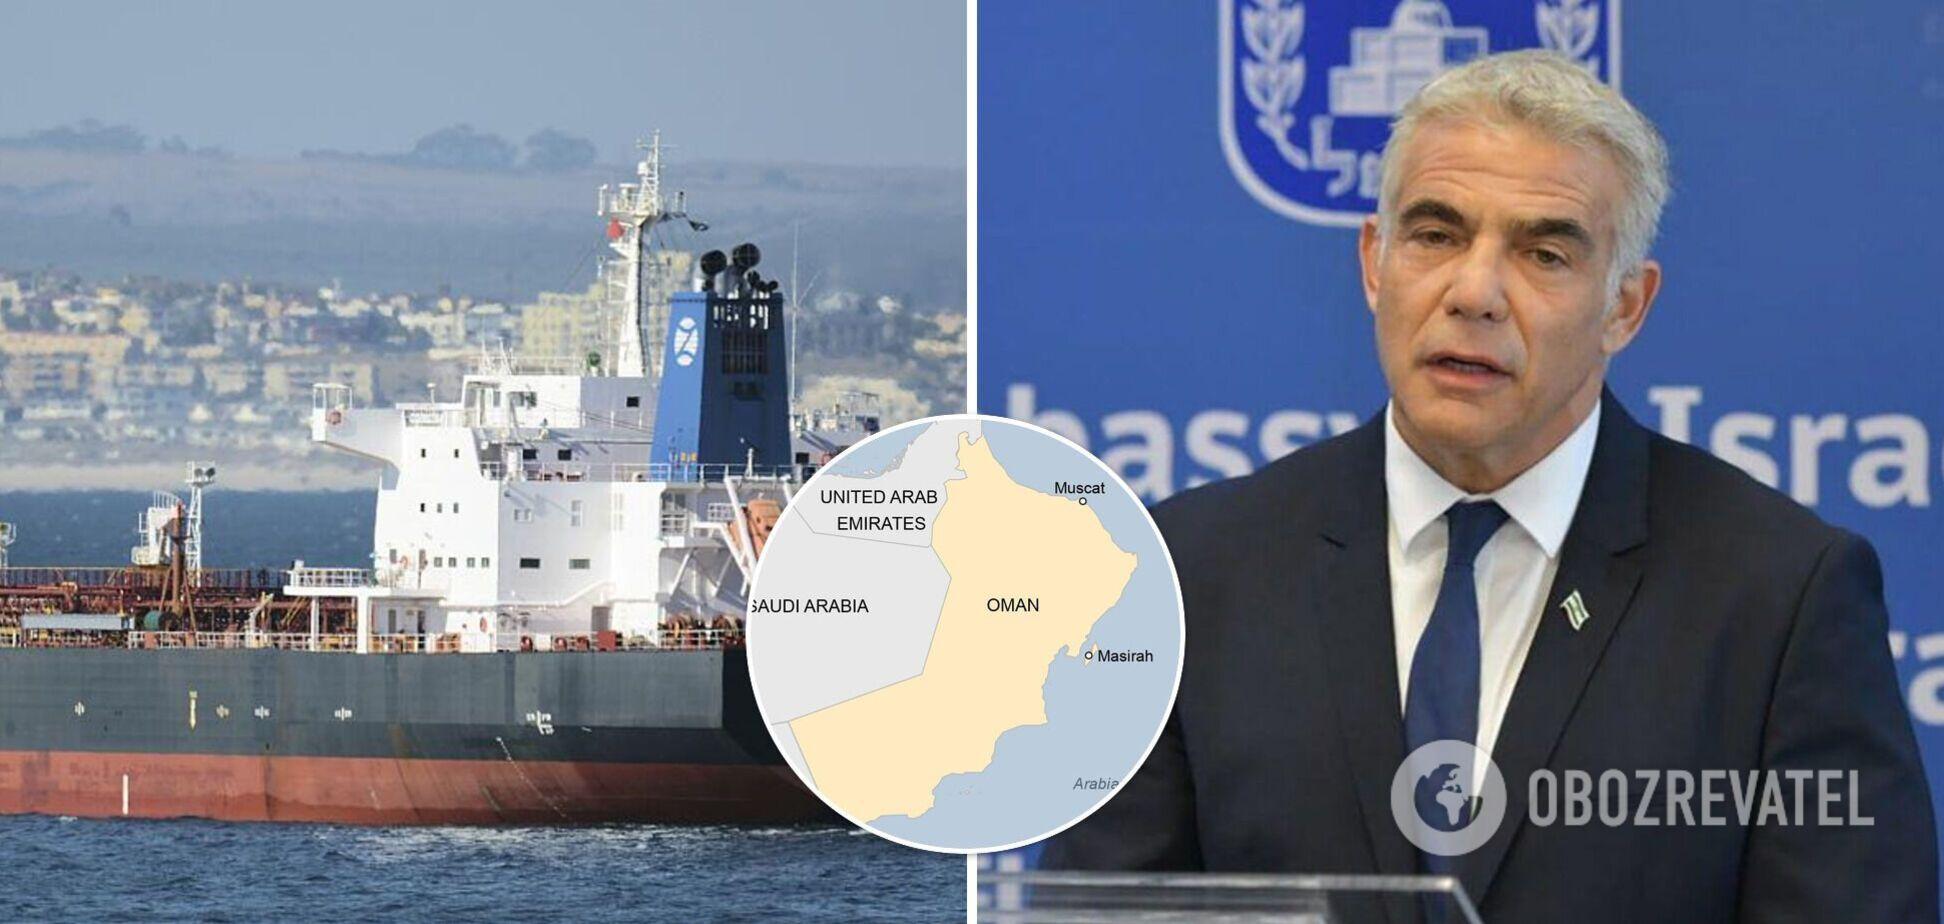 Израиль обвинил Иран в атаке на танкер с нефтью, повлекшей гибель двух человек